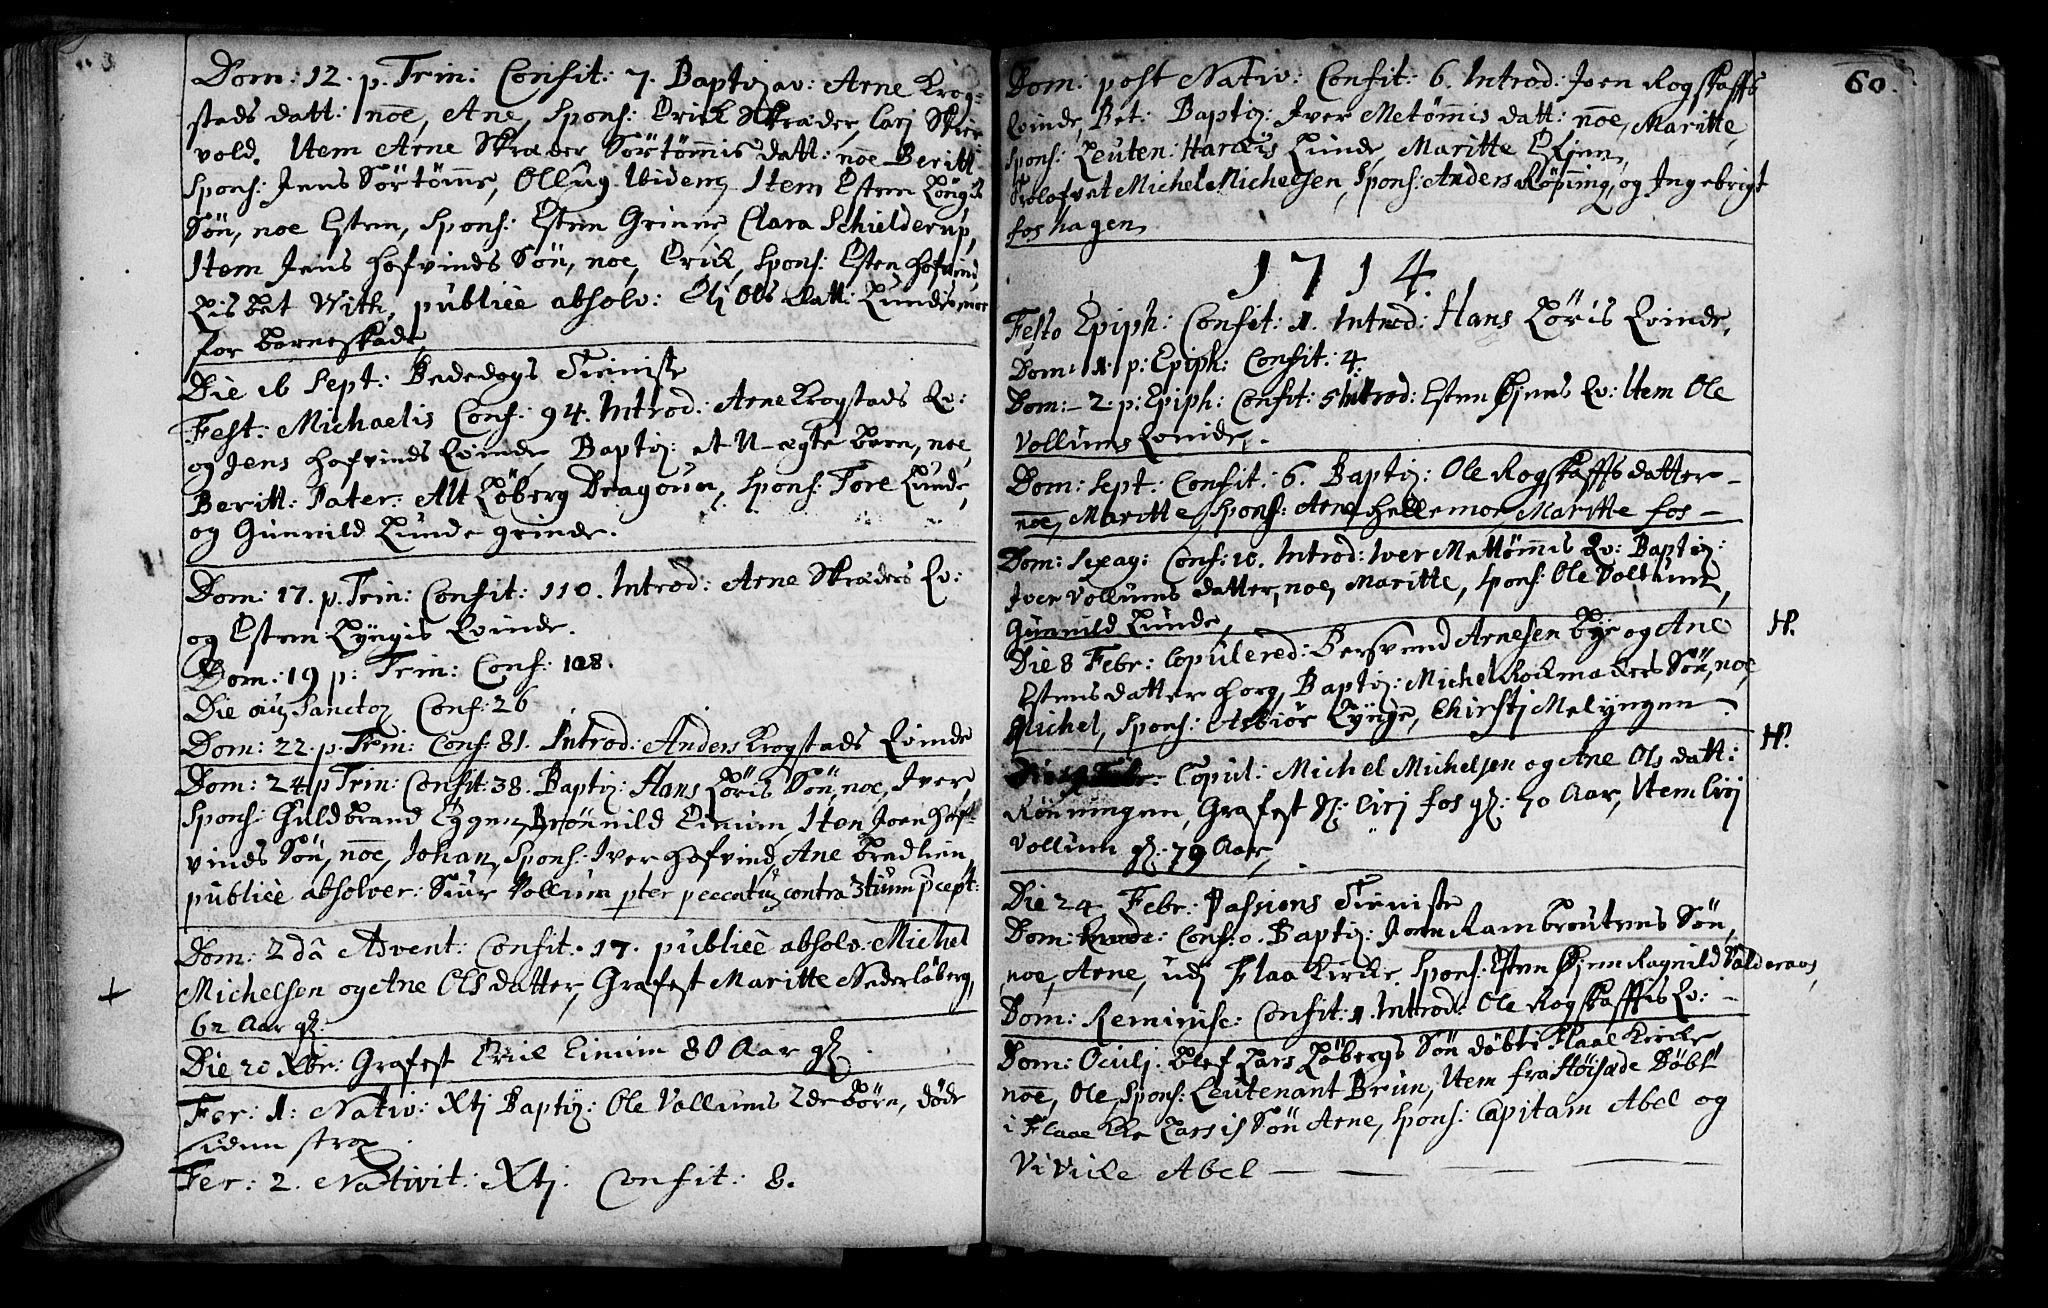 SAT, Ministerialprotokoller, klokkerbøker og fødselsregistre - Sør-Trøndelag, 692/L1101: Ministerialbok nr. 692A01, 1690-1746, s. 60